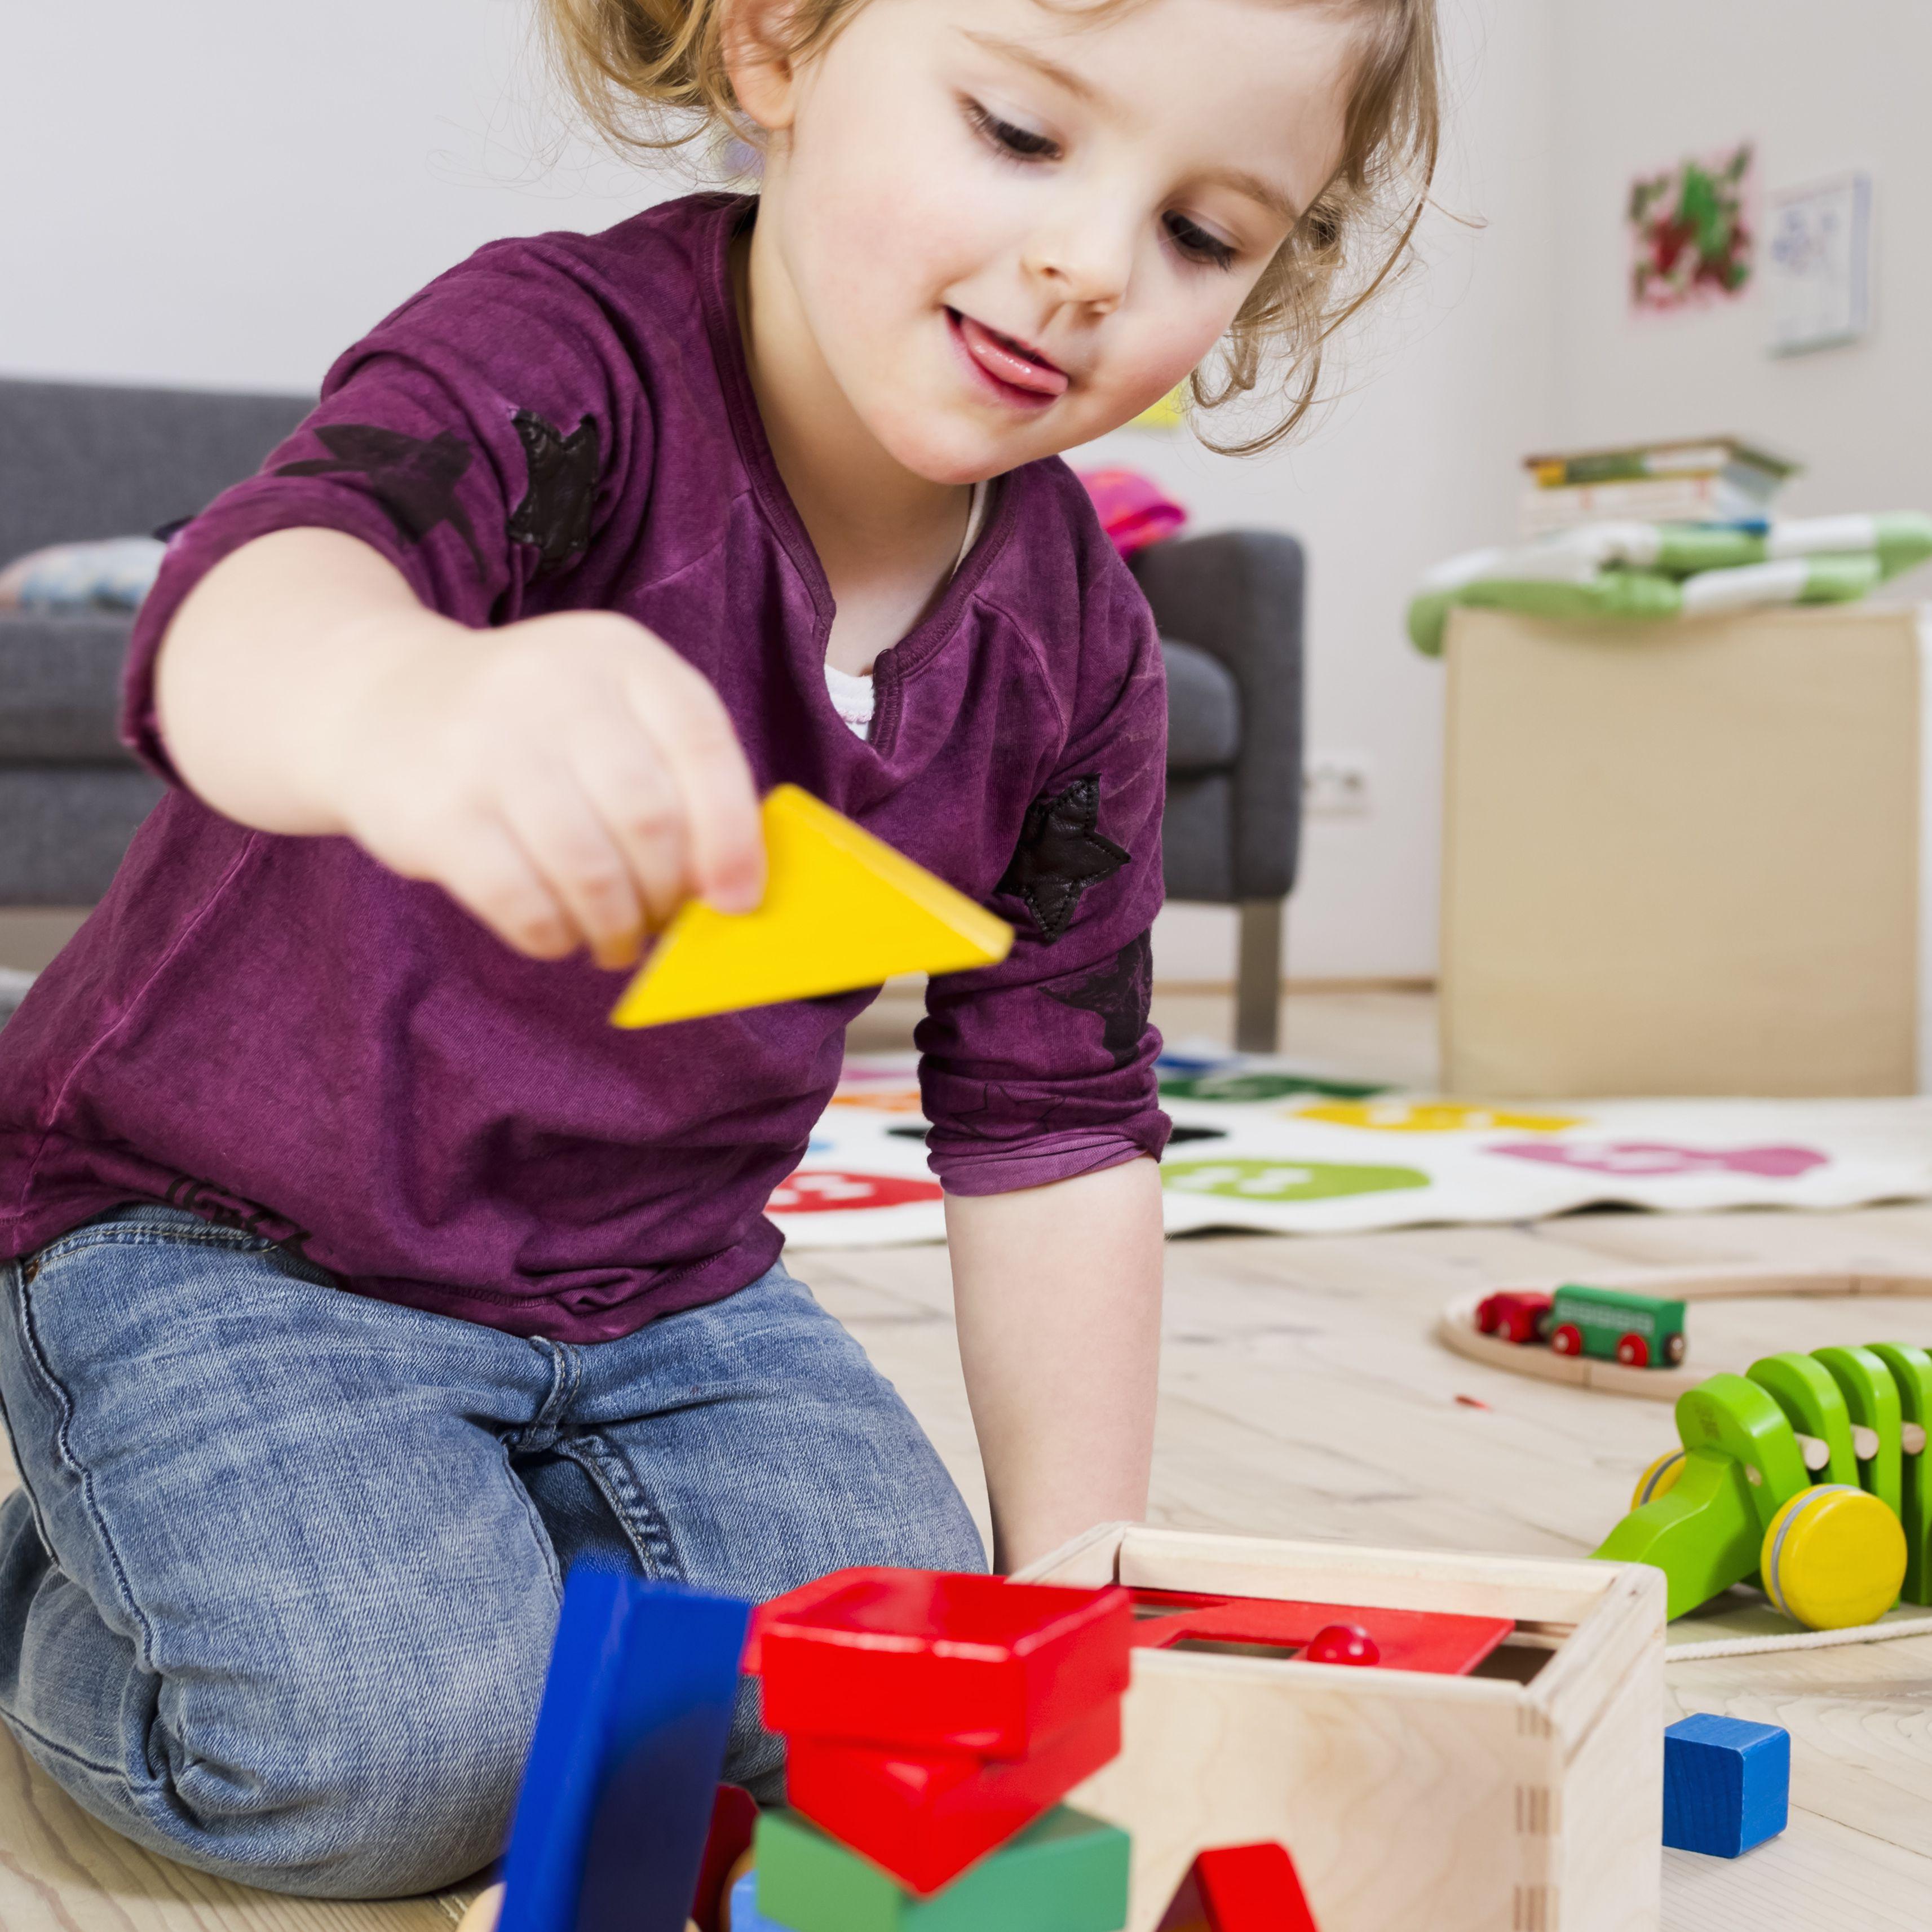 Niña pequeña hace una torre con bloques